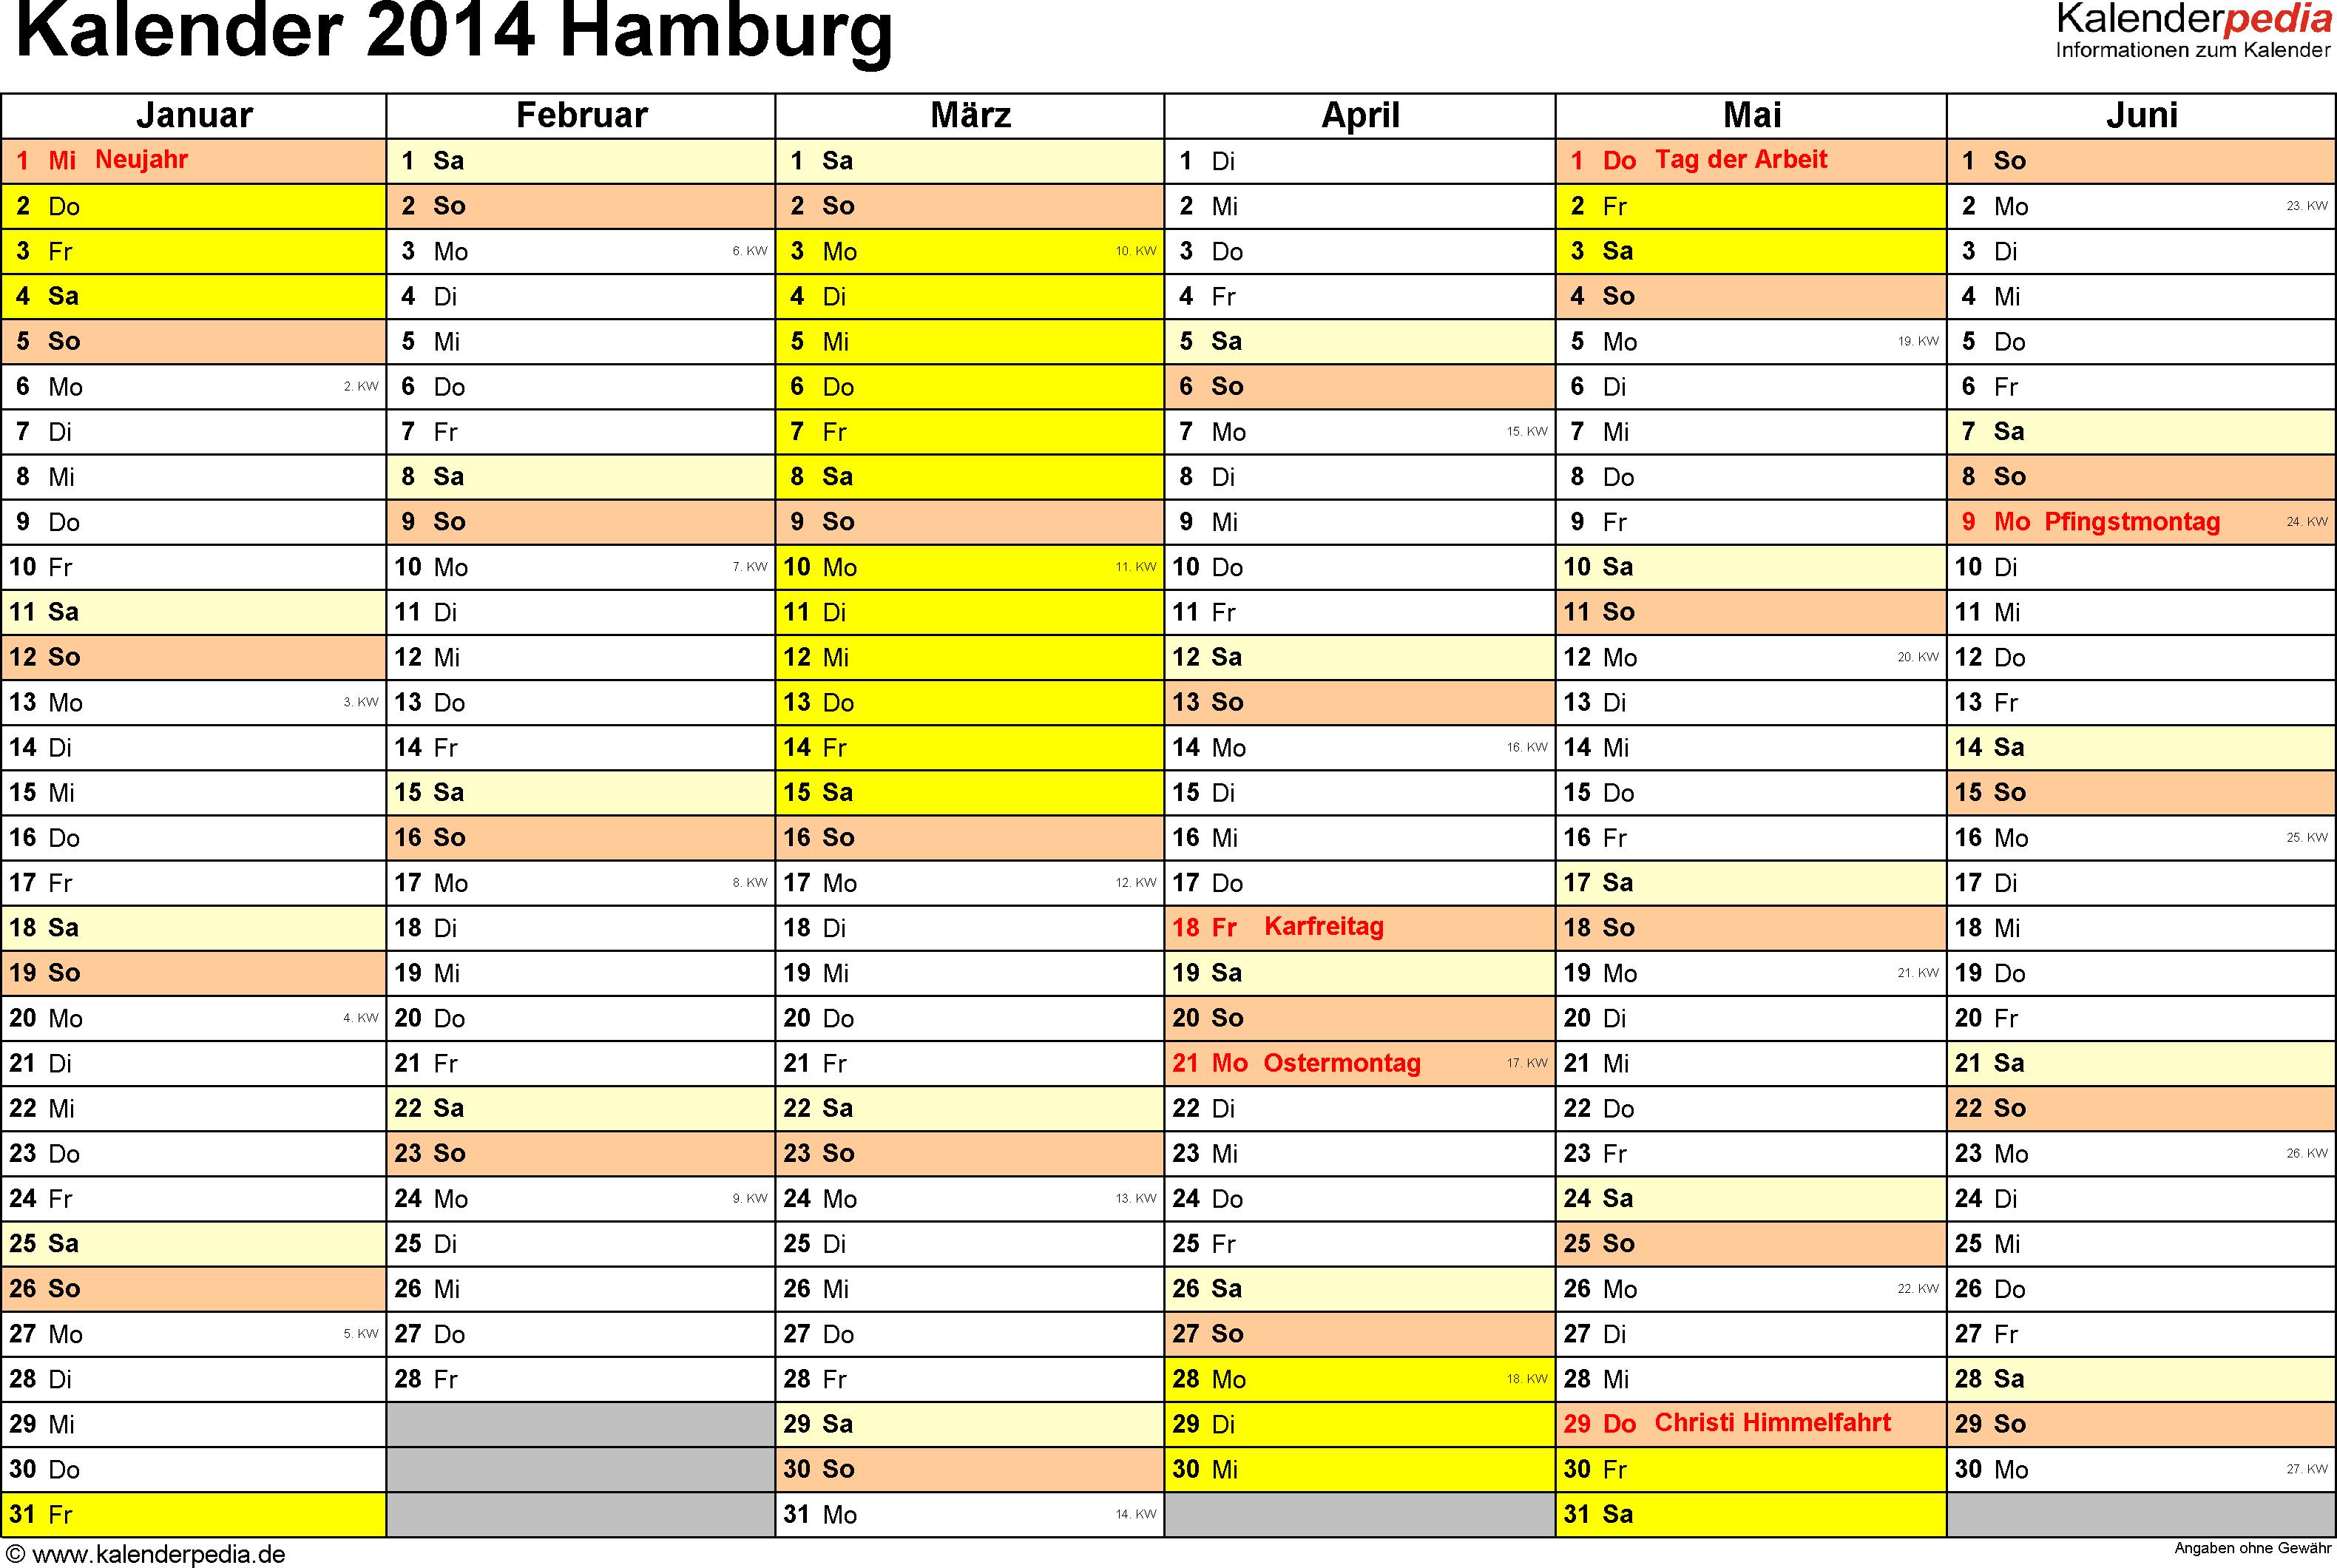 Vorlage 2: Kalender 2014 für Hamburg als Word-Vorlage (Querformat, 2 Seiten)